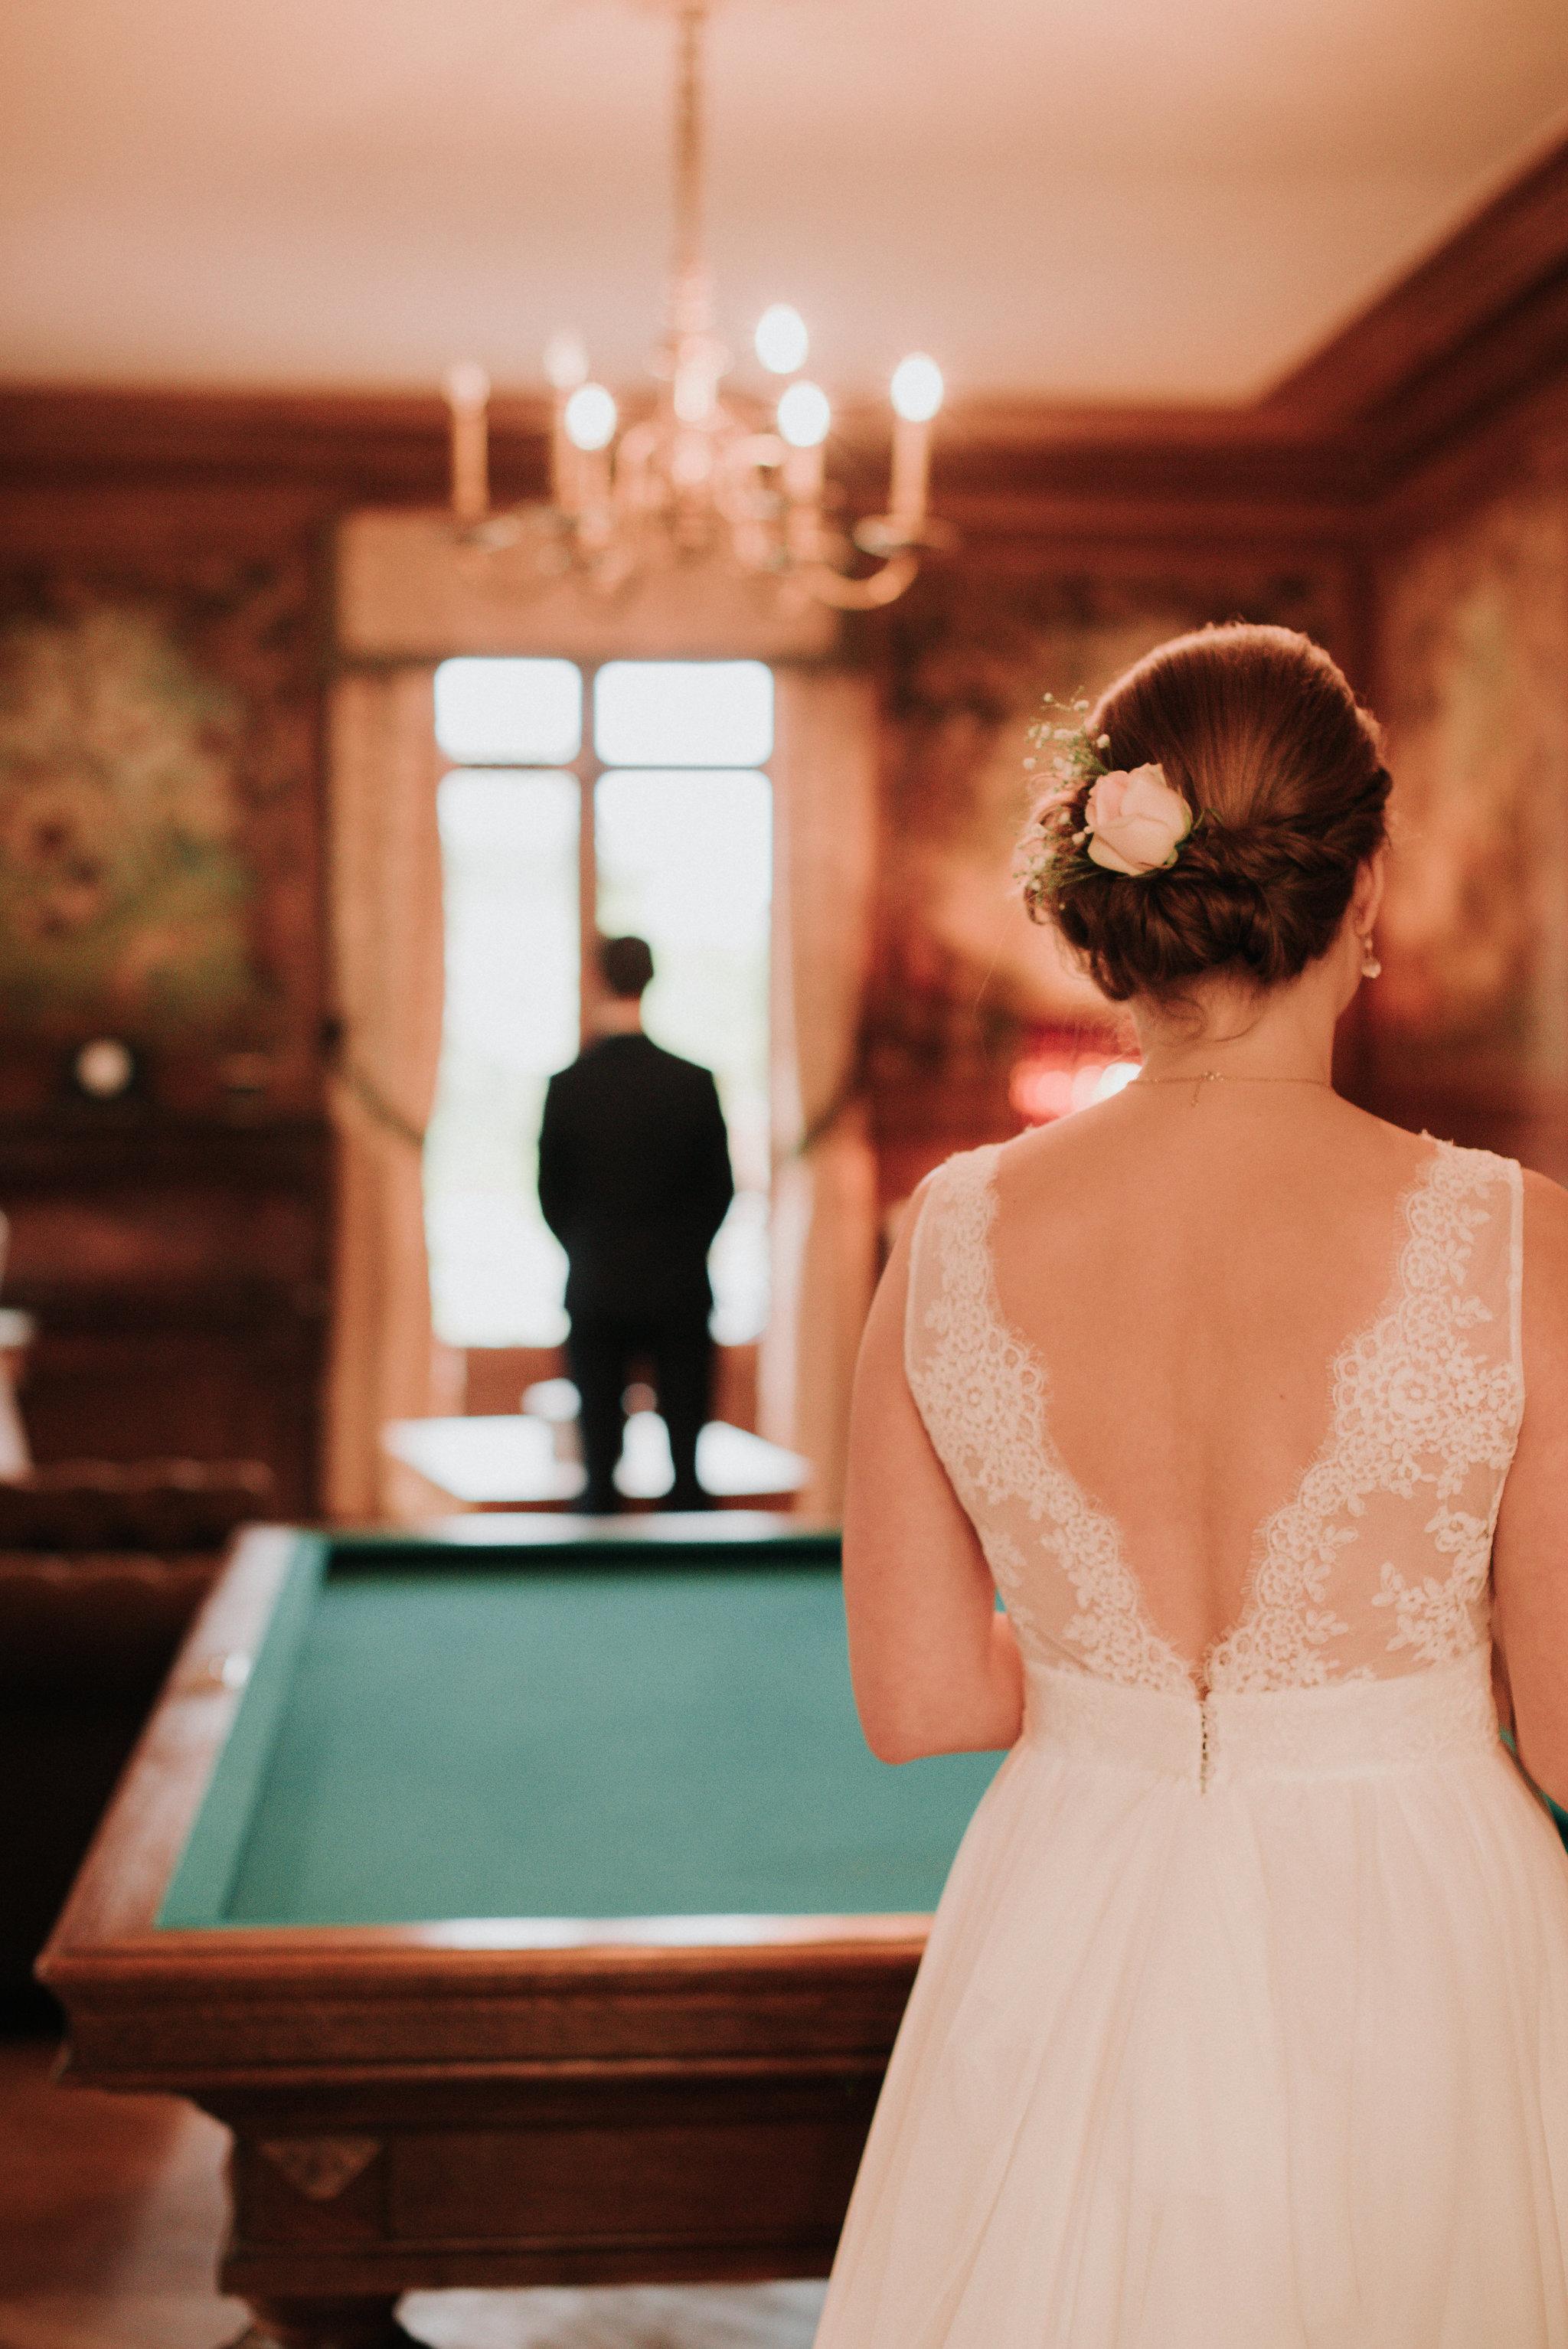 Léa-Fery-photographe-professionnel-lyon-rhone-alpes-portrait-creation-mariage-evenement-evenementiel-famille-1791.jpg